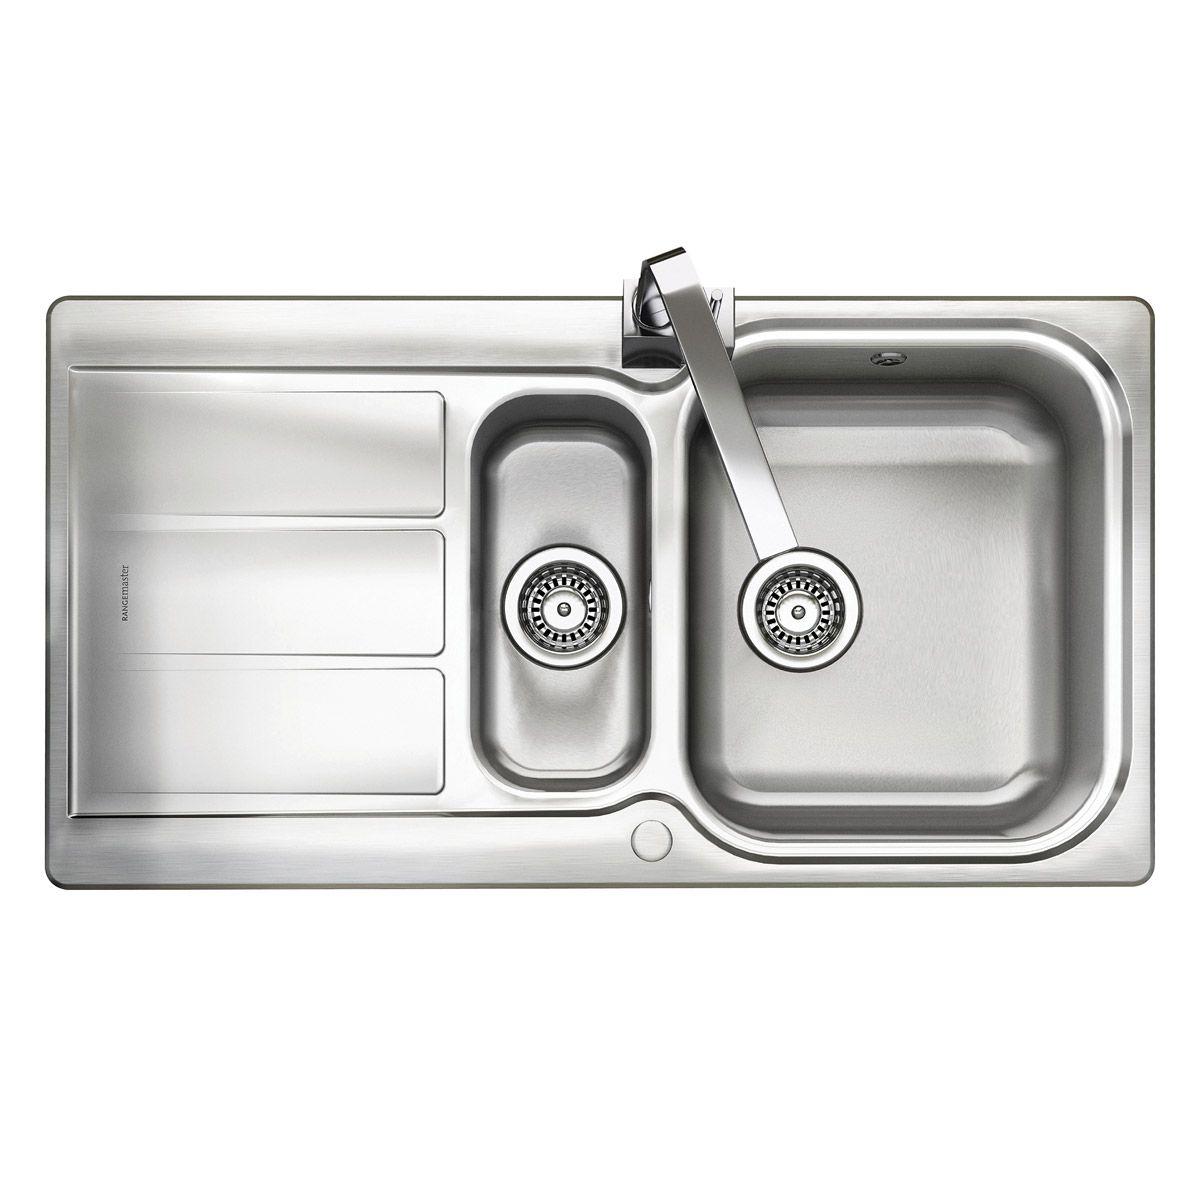 Rangemaster Glendale 1.5 bowl reversible kitchen sink with waste kit ...